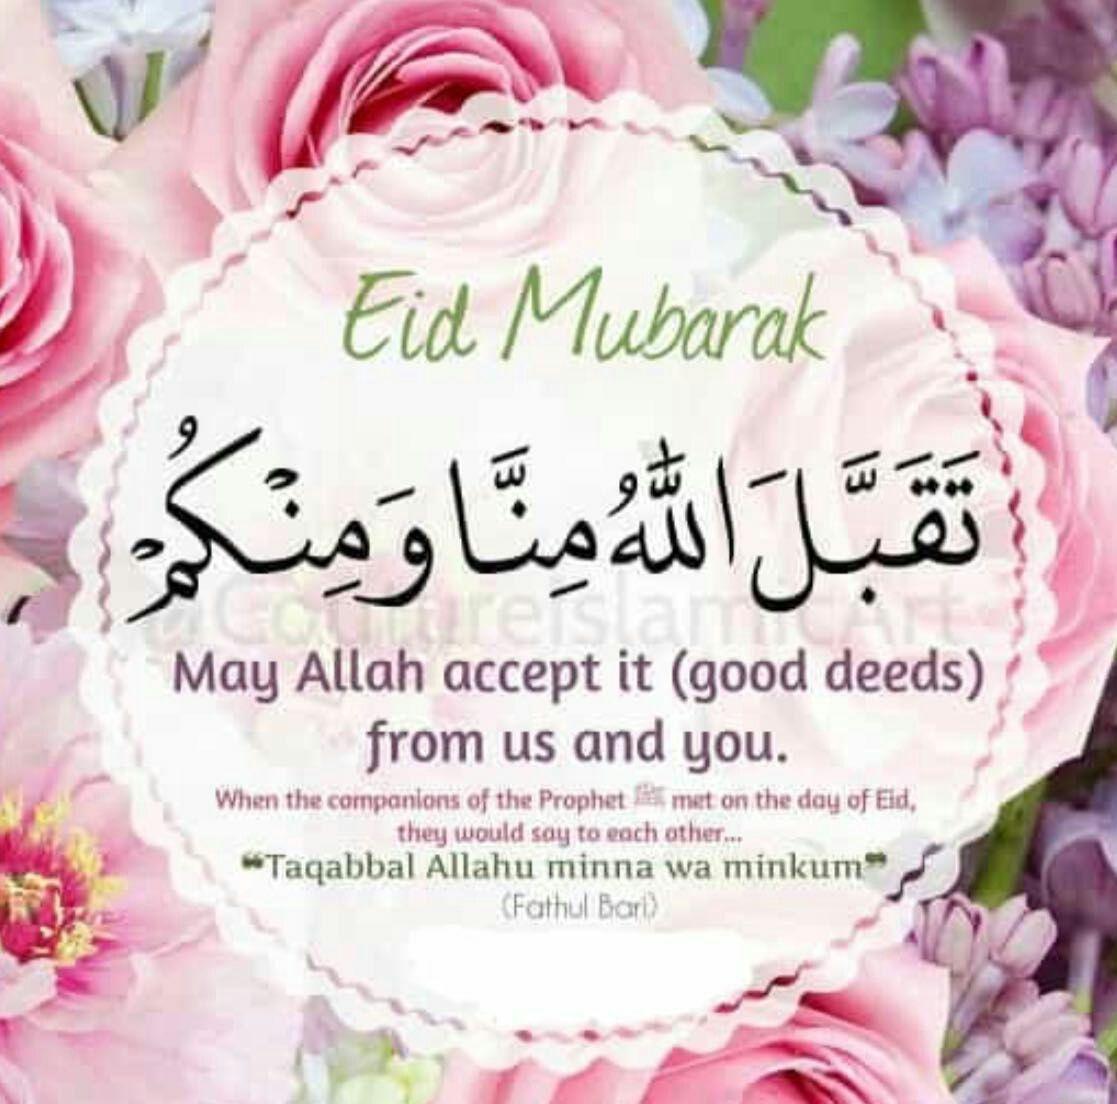 Ramadan 2018 عيد مبارك Eid Greetings Eid Mubarak Greetings Eid Mubarak Wishes Images